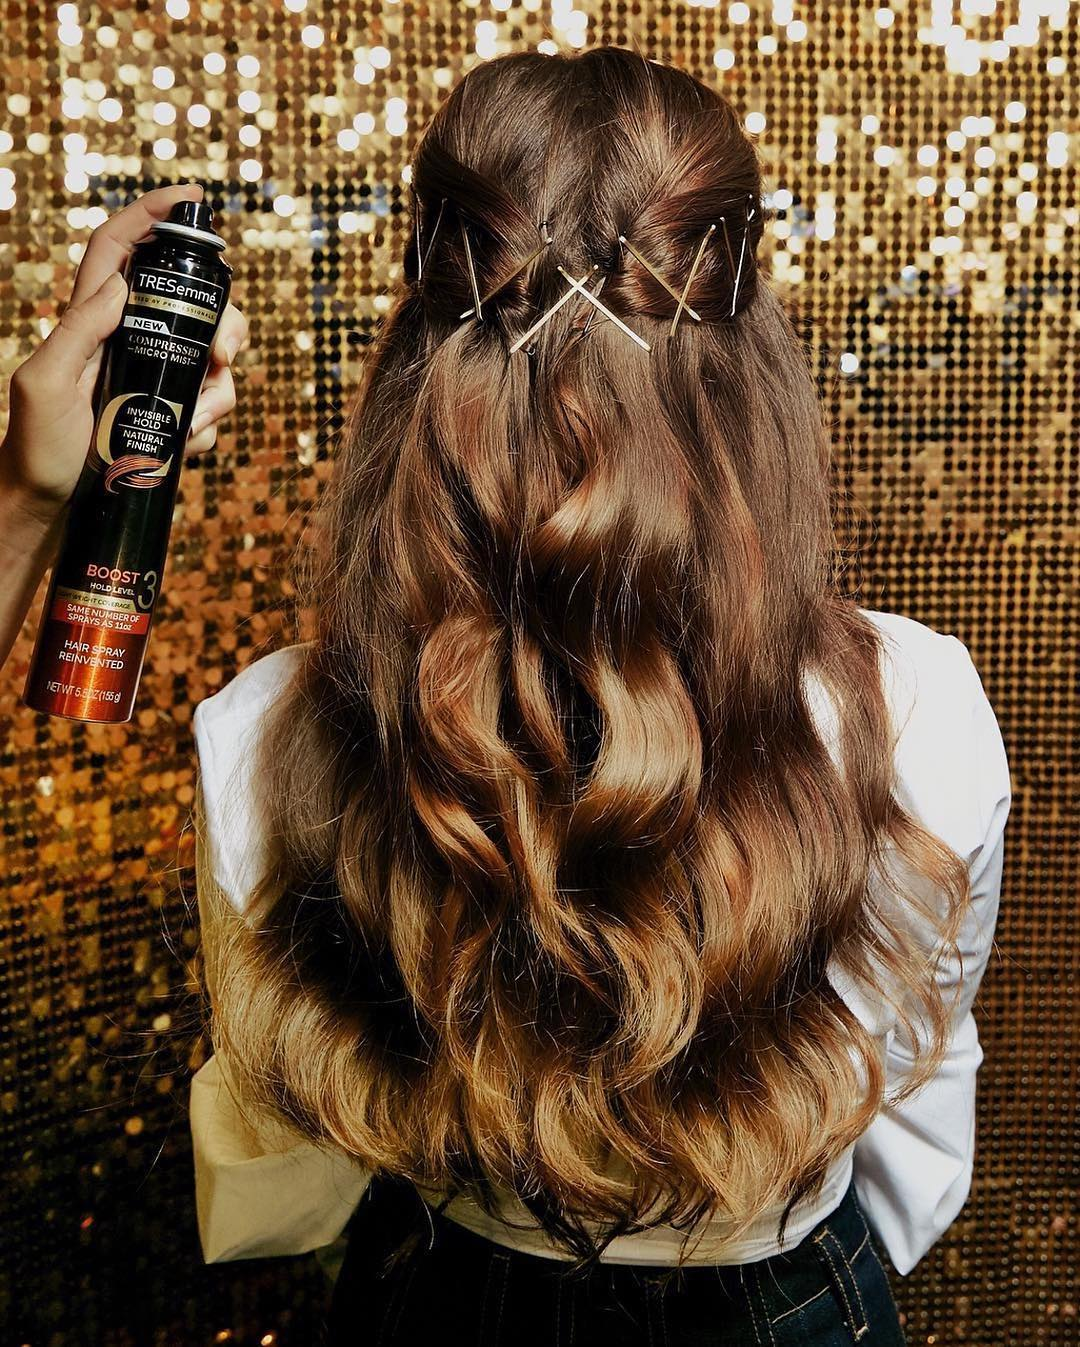 Lưu ý gì để sử dụng dầu bóng tóc hiệu quả & đúng cách?